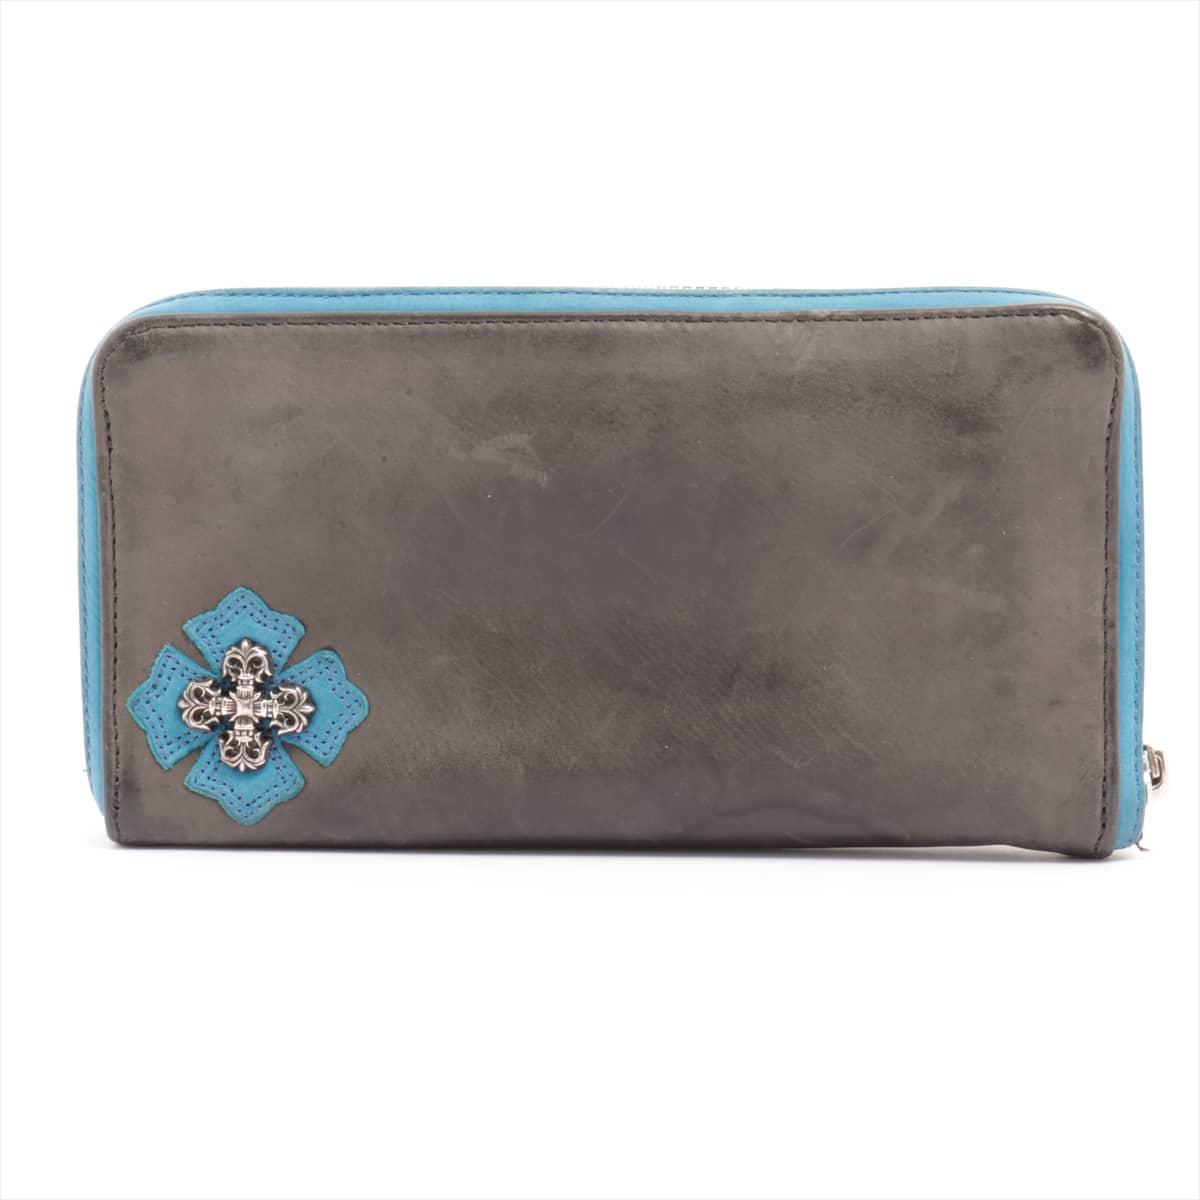 中古 クロムハーツ 買物 REC 日本全国 送料無料 F ZIP 財布 フィリグリープラス レザー 黒×青